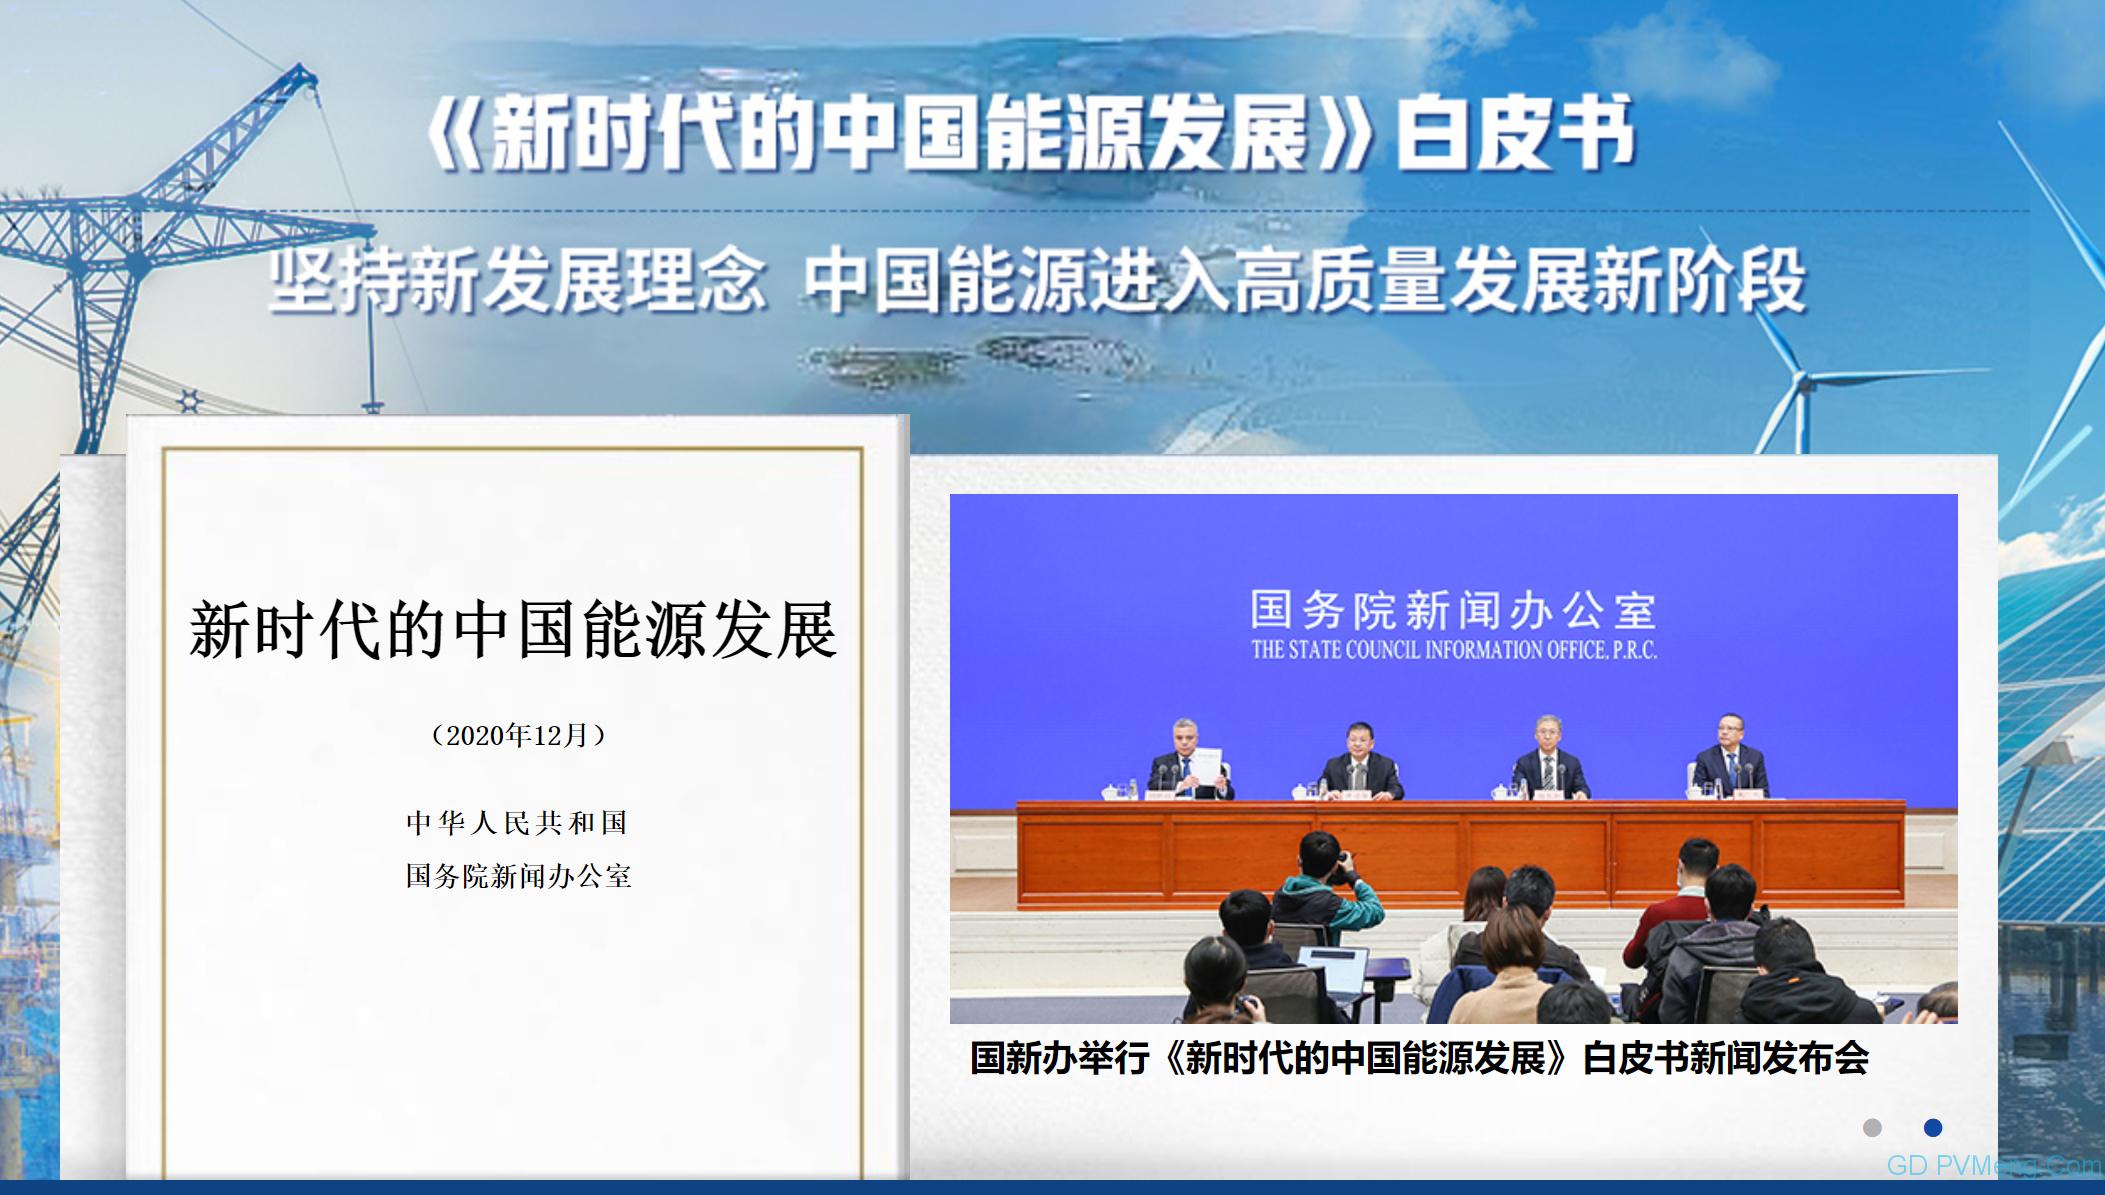 国务院新闻办发布:《新时代的中国能源发展》白皮书(2020年12月)